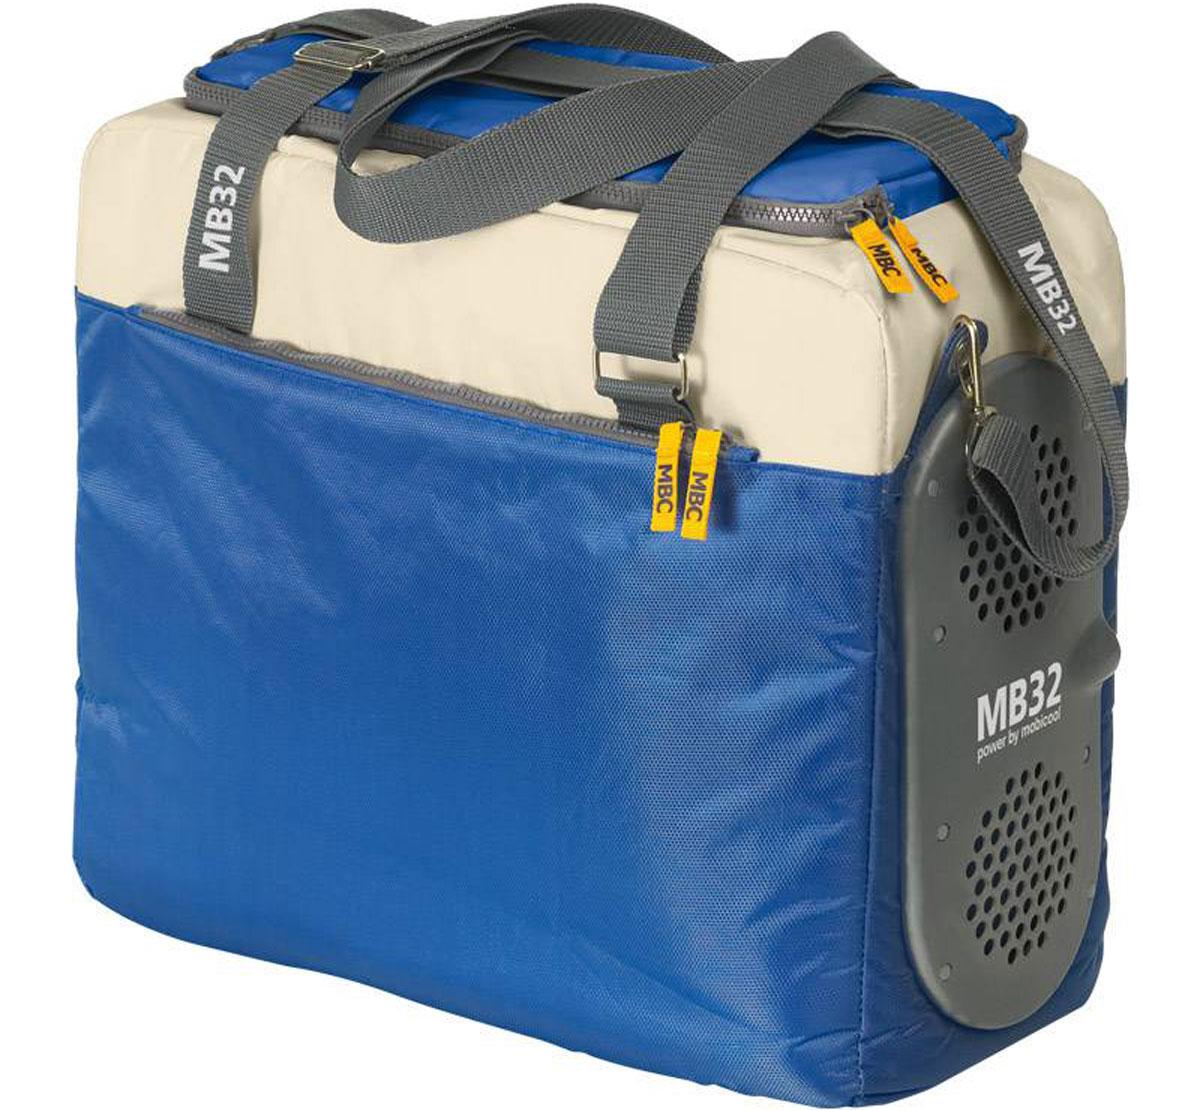 MOBICOOL MB32 DC термоэлектрическая сумка-холодильникA80542SMOBICOOL MB32 DC вместительная и надежная термоэлектрическая сумка-холодильник объемом 32 литра. Термосумка может поддерживать температуру на 15 °C ниже температуры окружающей среды. Внешний карман на молнии, ручки для переноски и отстегивающийся плечевой ремень прекрасно дополняют данную модель вместе с насыщенным цветом. Также имеется удобный U-образный доступ на молнии.